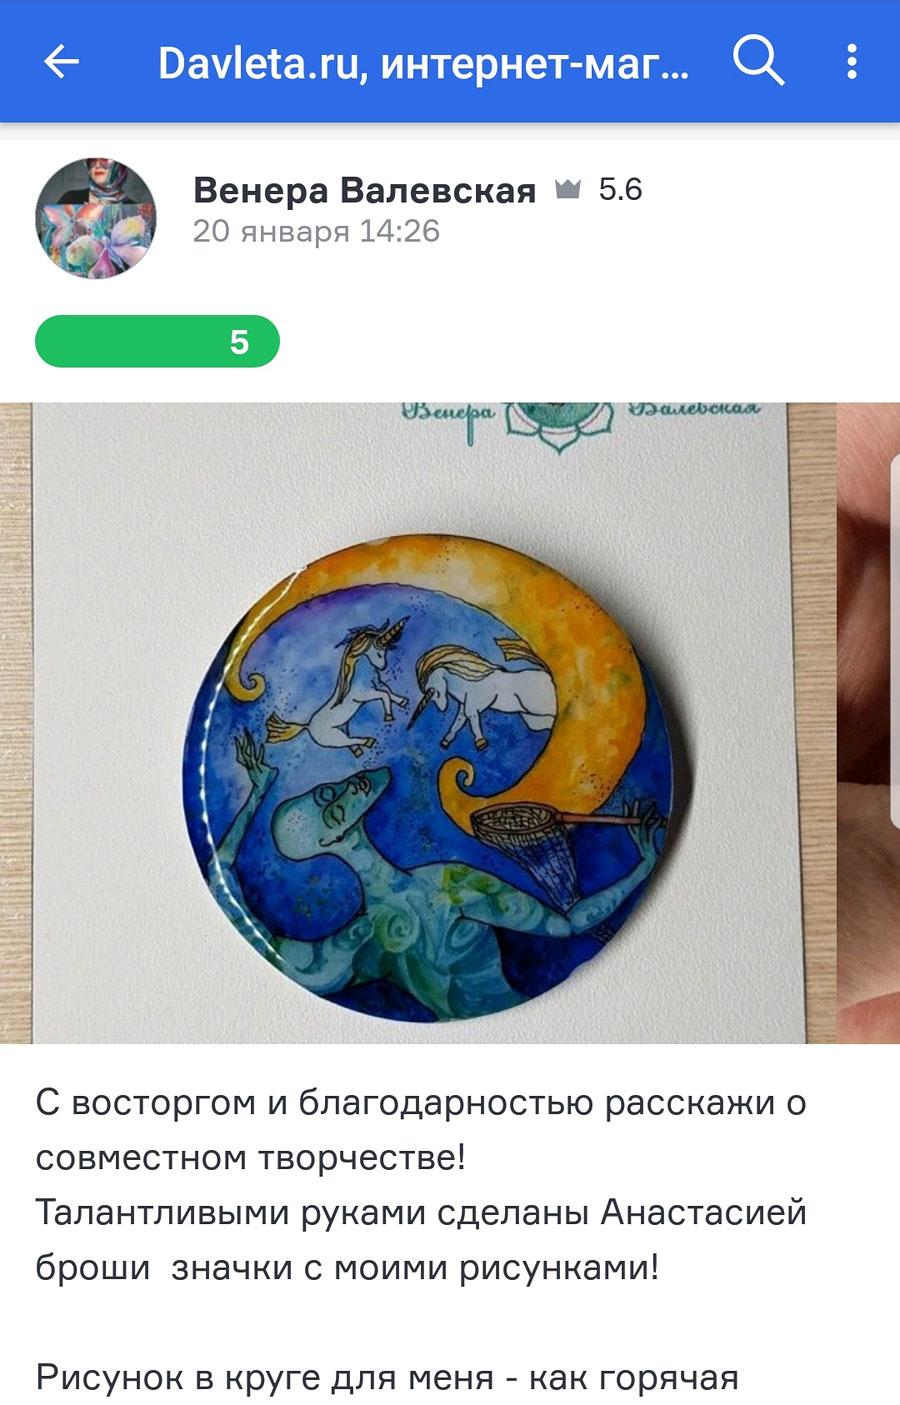 Отзыв Венеры Валевской о работе с украшениями Davleta